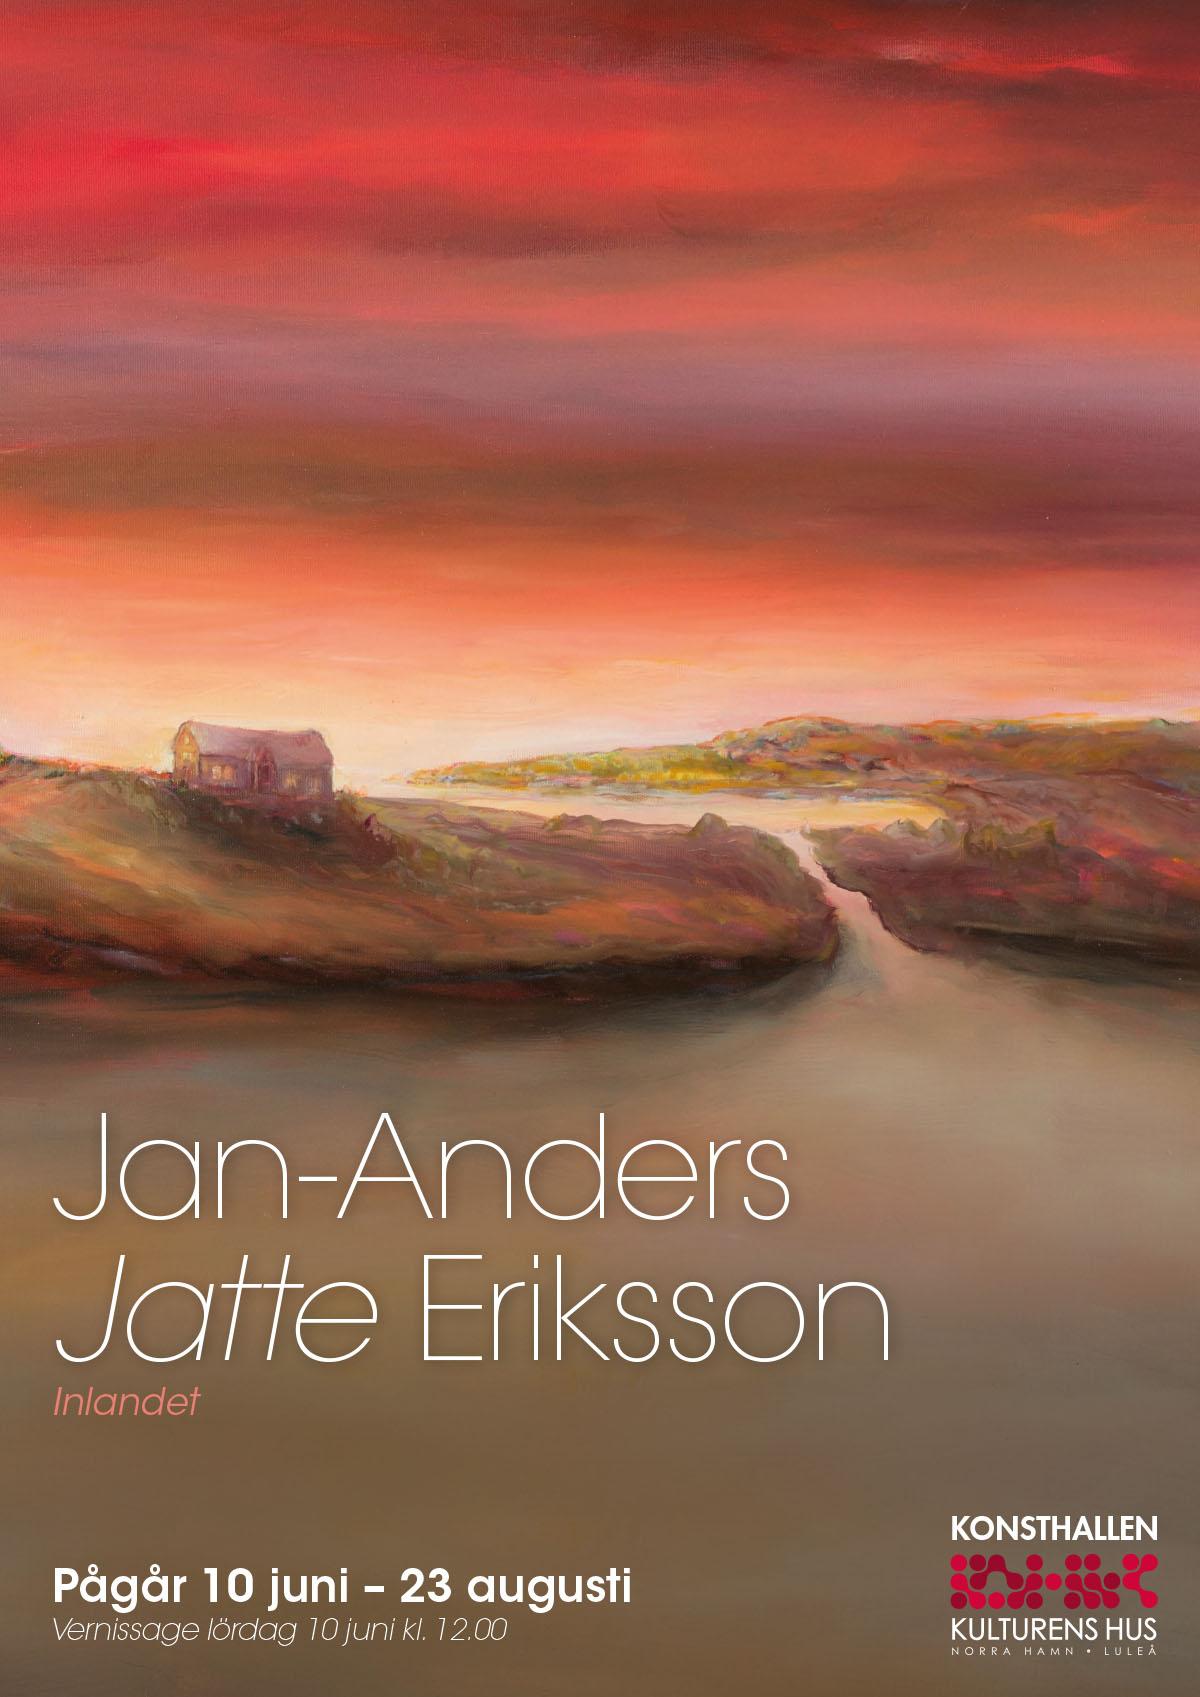 Affisch Jan Anders Jatte Eriksson på Kulturens Hus Luleå 10 juni - 23 augusti